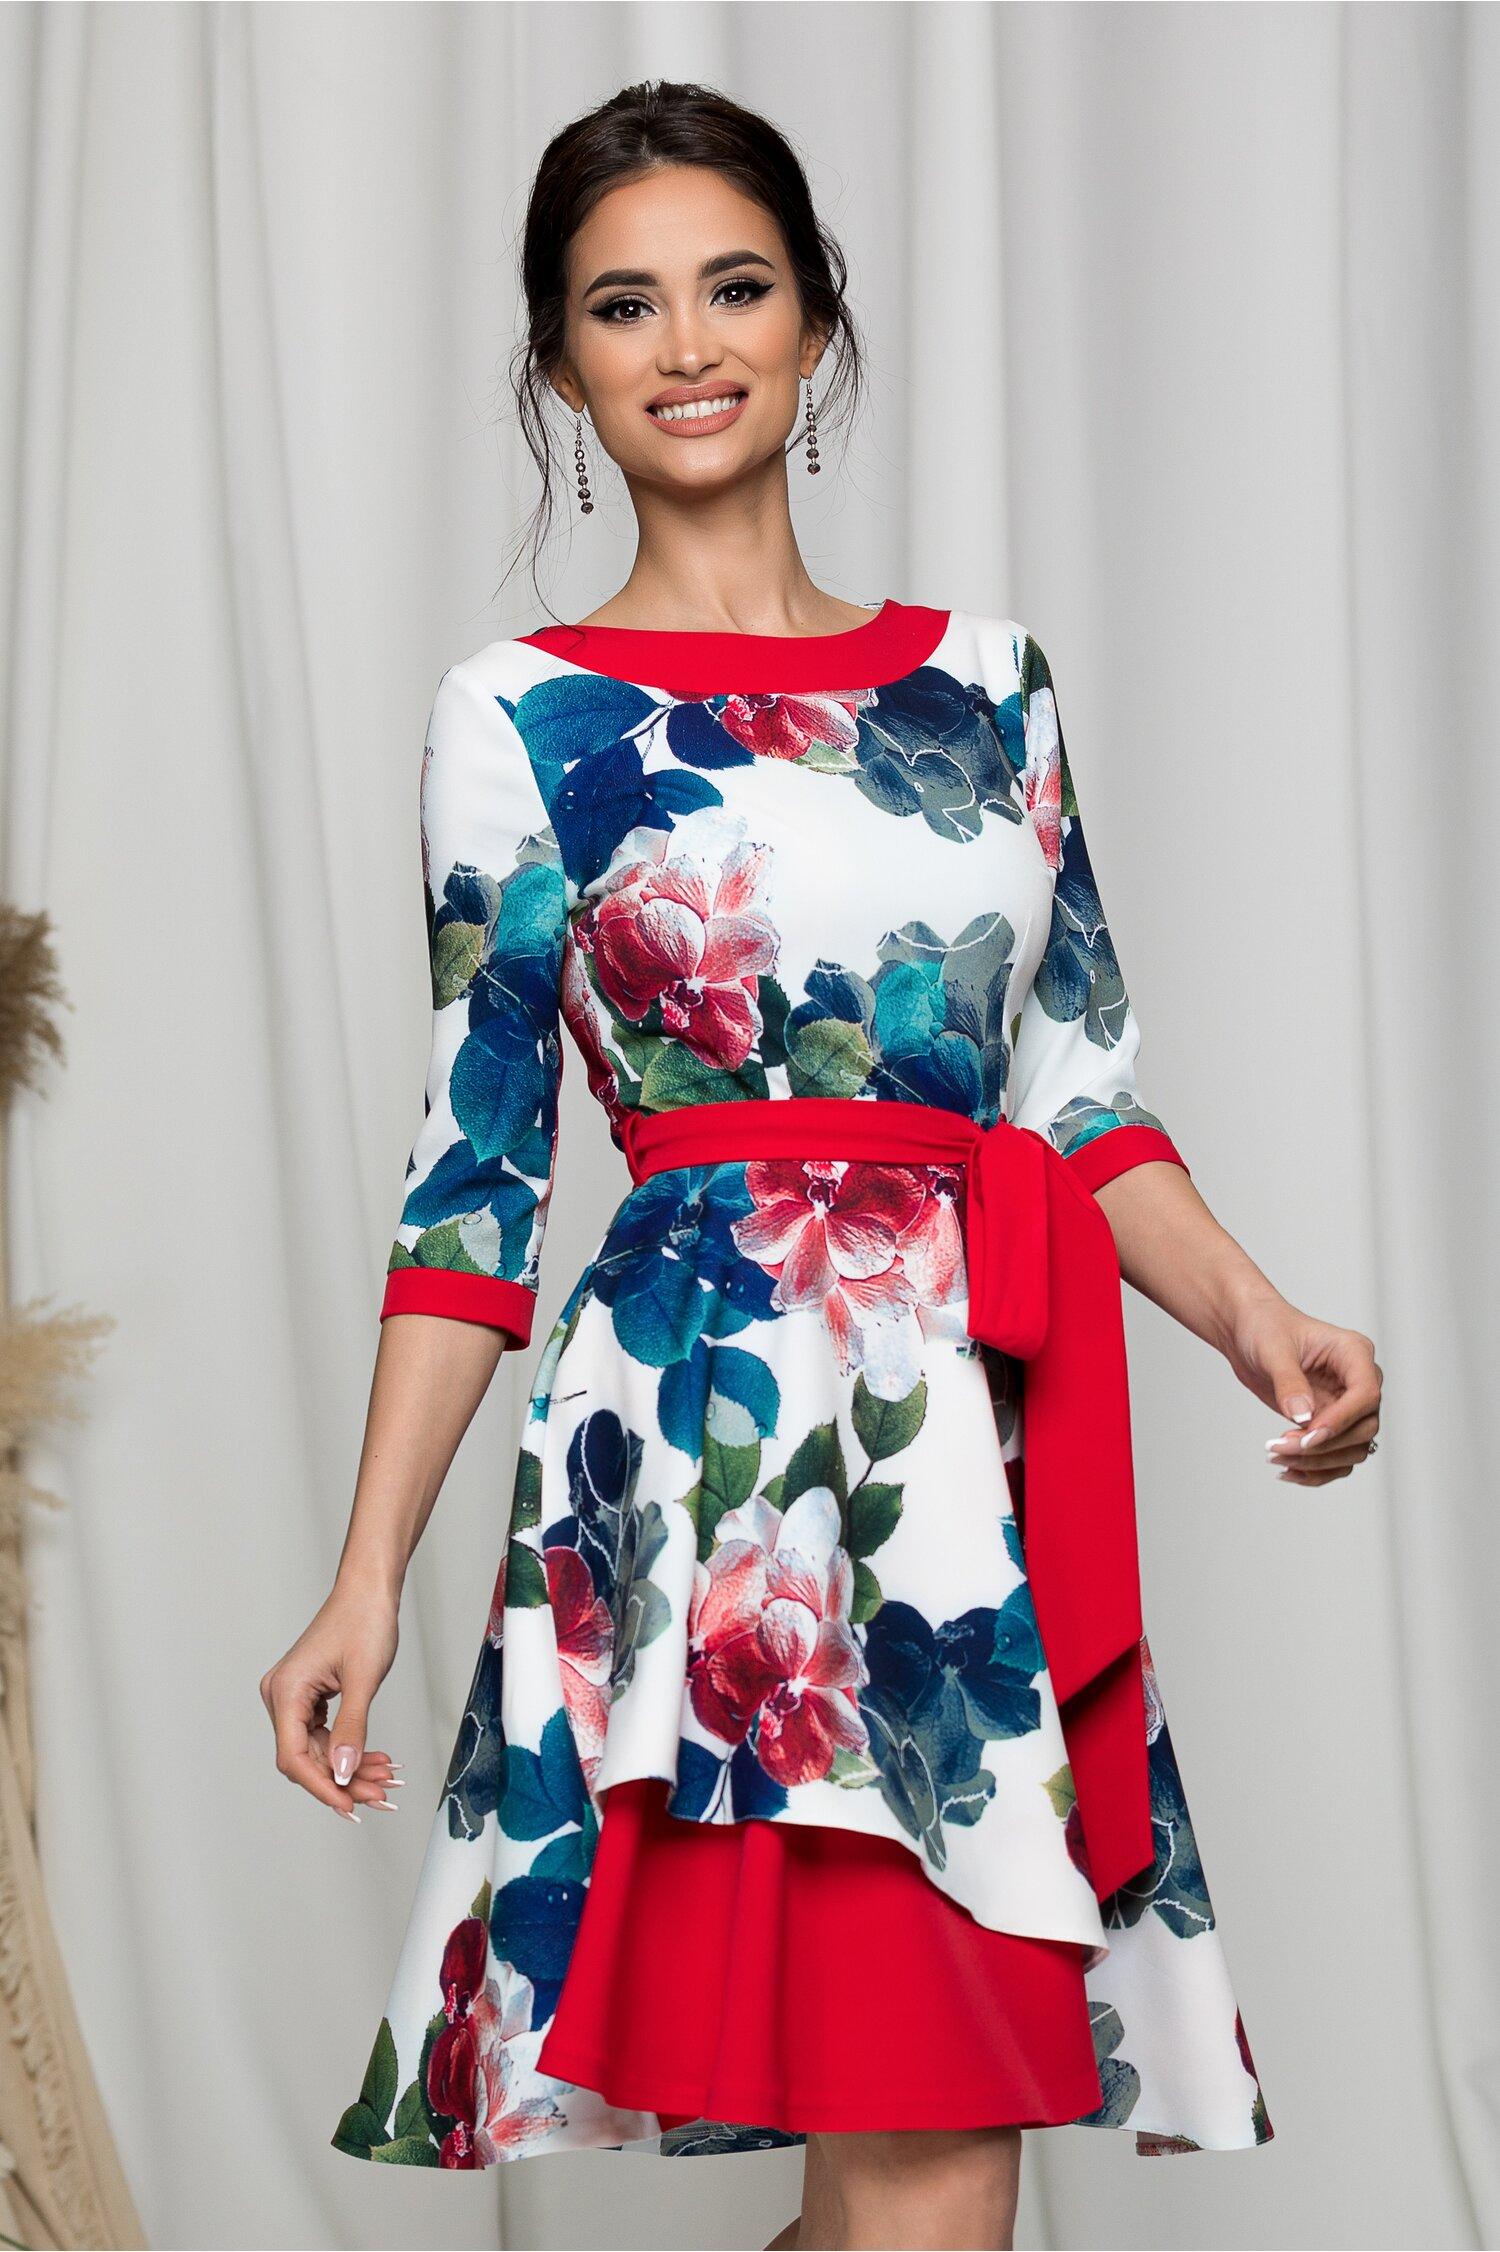 Rochie clos MBG alba cu imprimeu floral albastru si cordon rosu